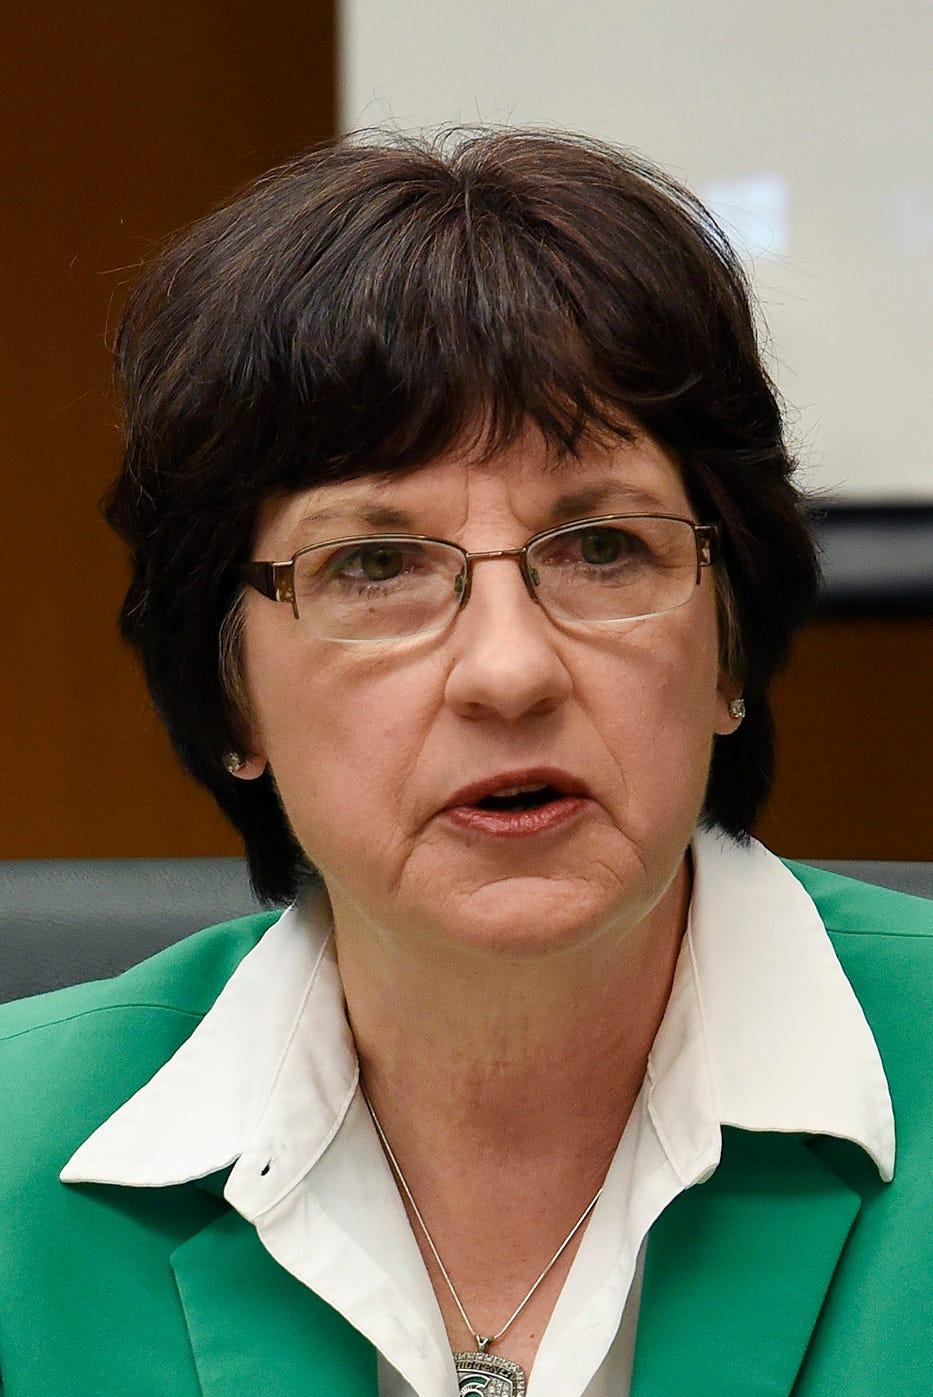 Dianne Byrum, chair of the MSU Board of Trustees.